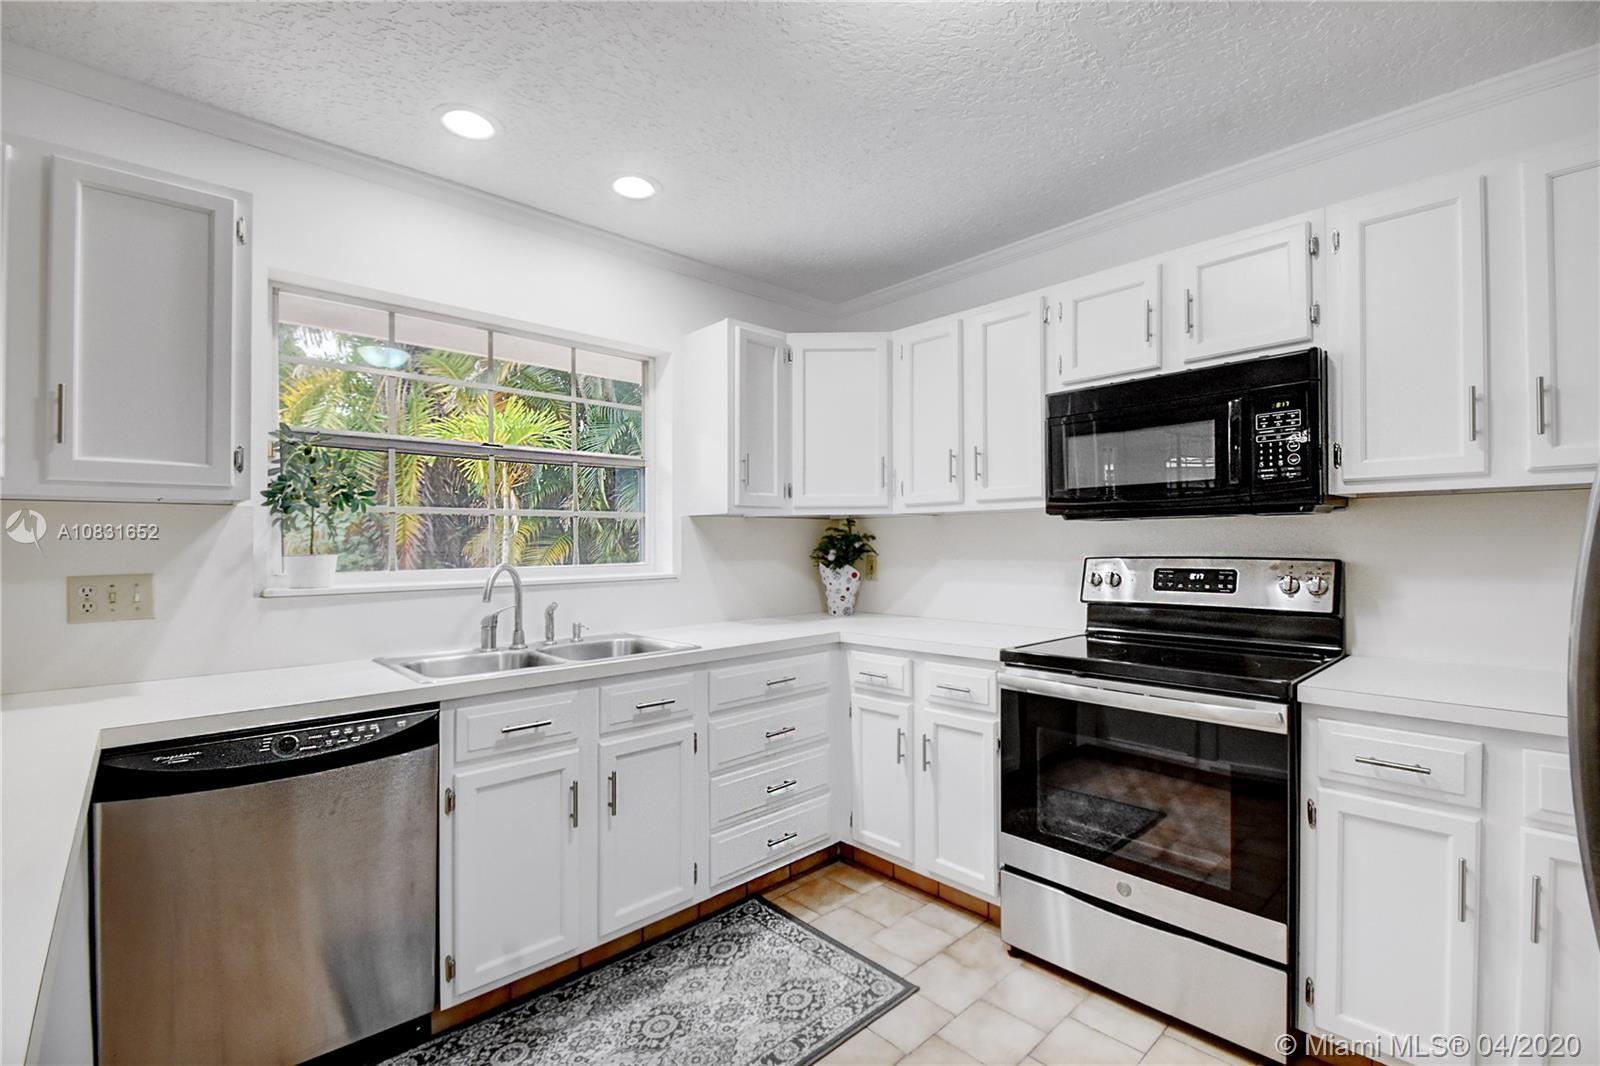 11069 Glenwood Dr, Coral Springs, FL 33065